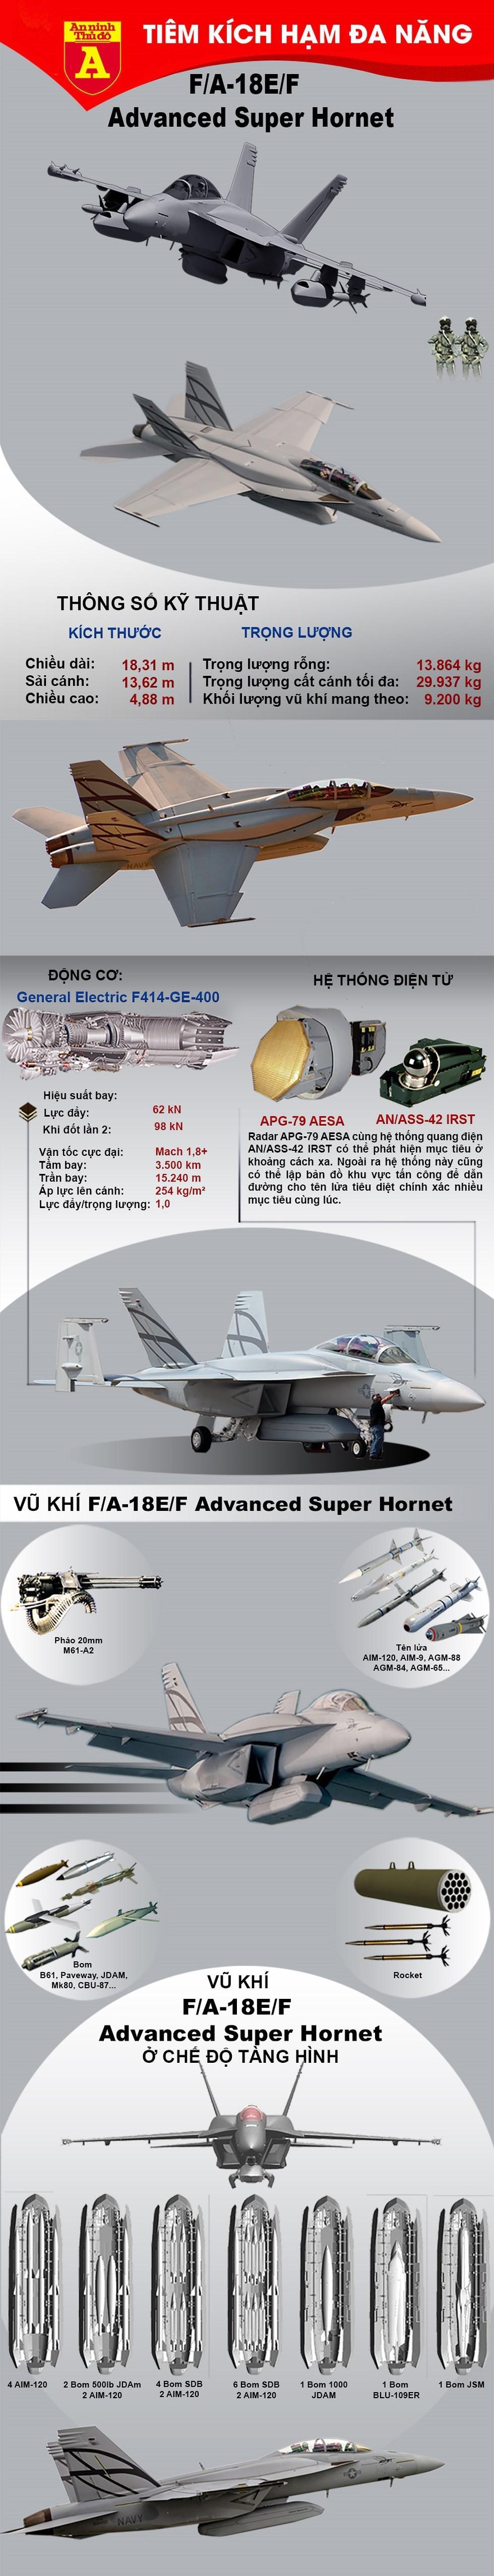 [Info] Đức gạt bỏ F-15, F-35 để lựa chọn F/A-18E/F Advanced Super Hornet ảnh 2